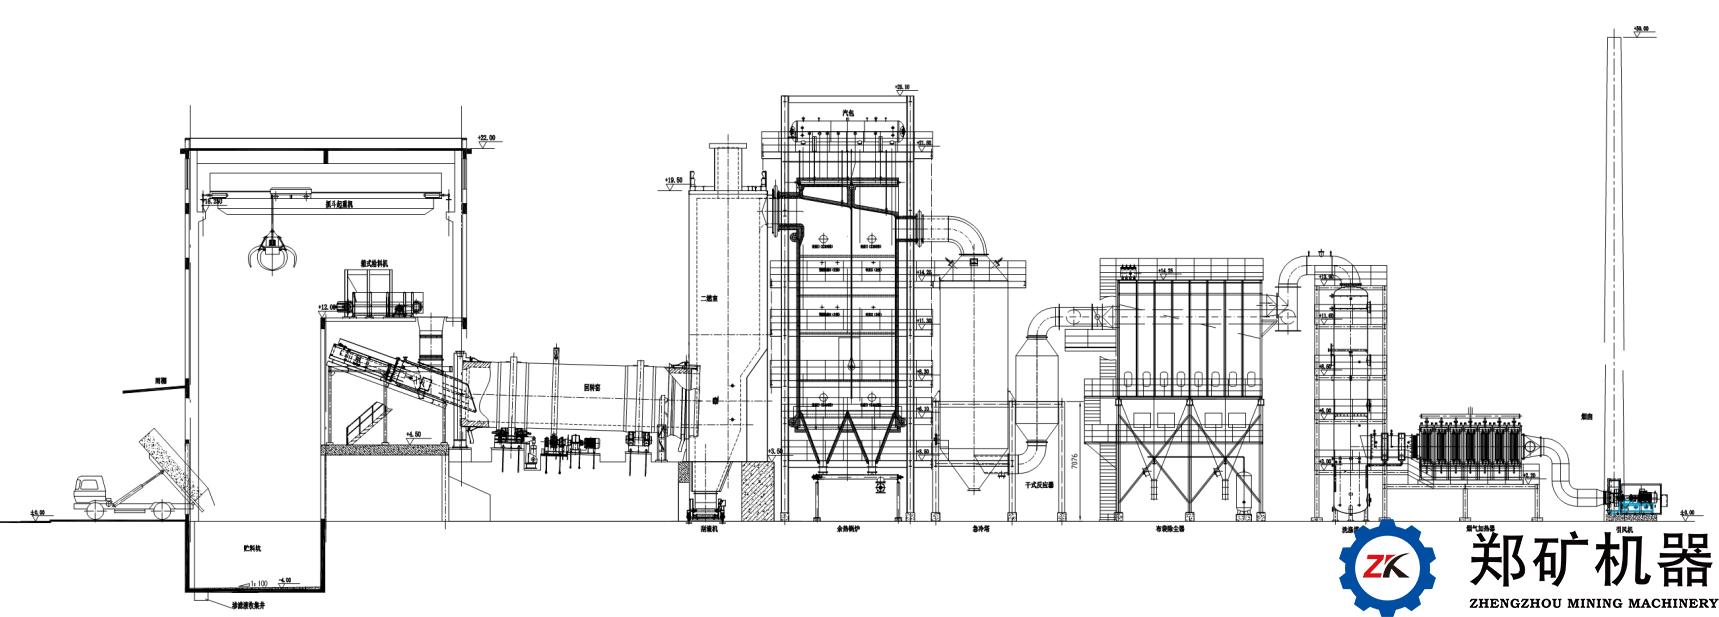 固(危)废垃圾焚烧系统生产工艺流程图